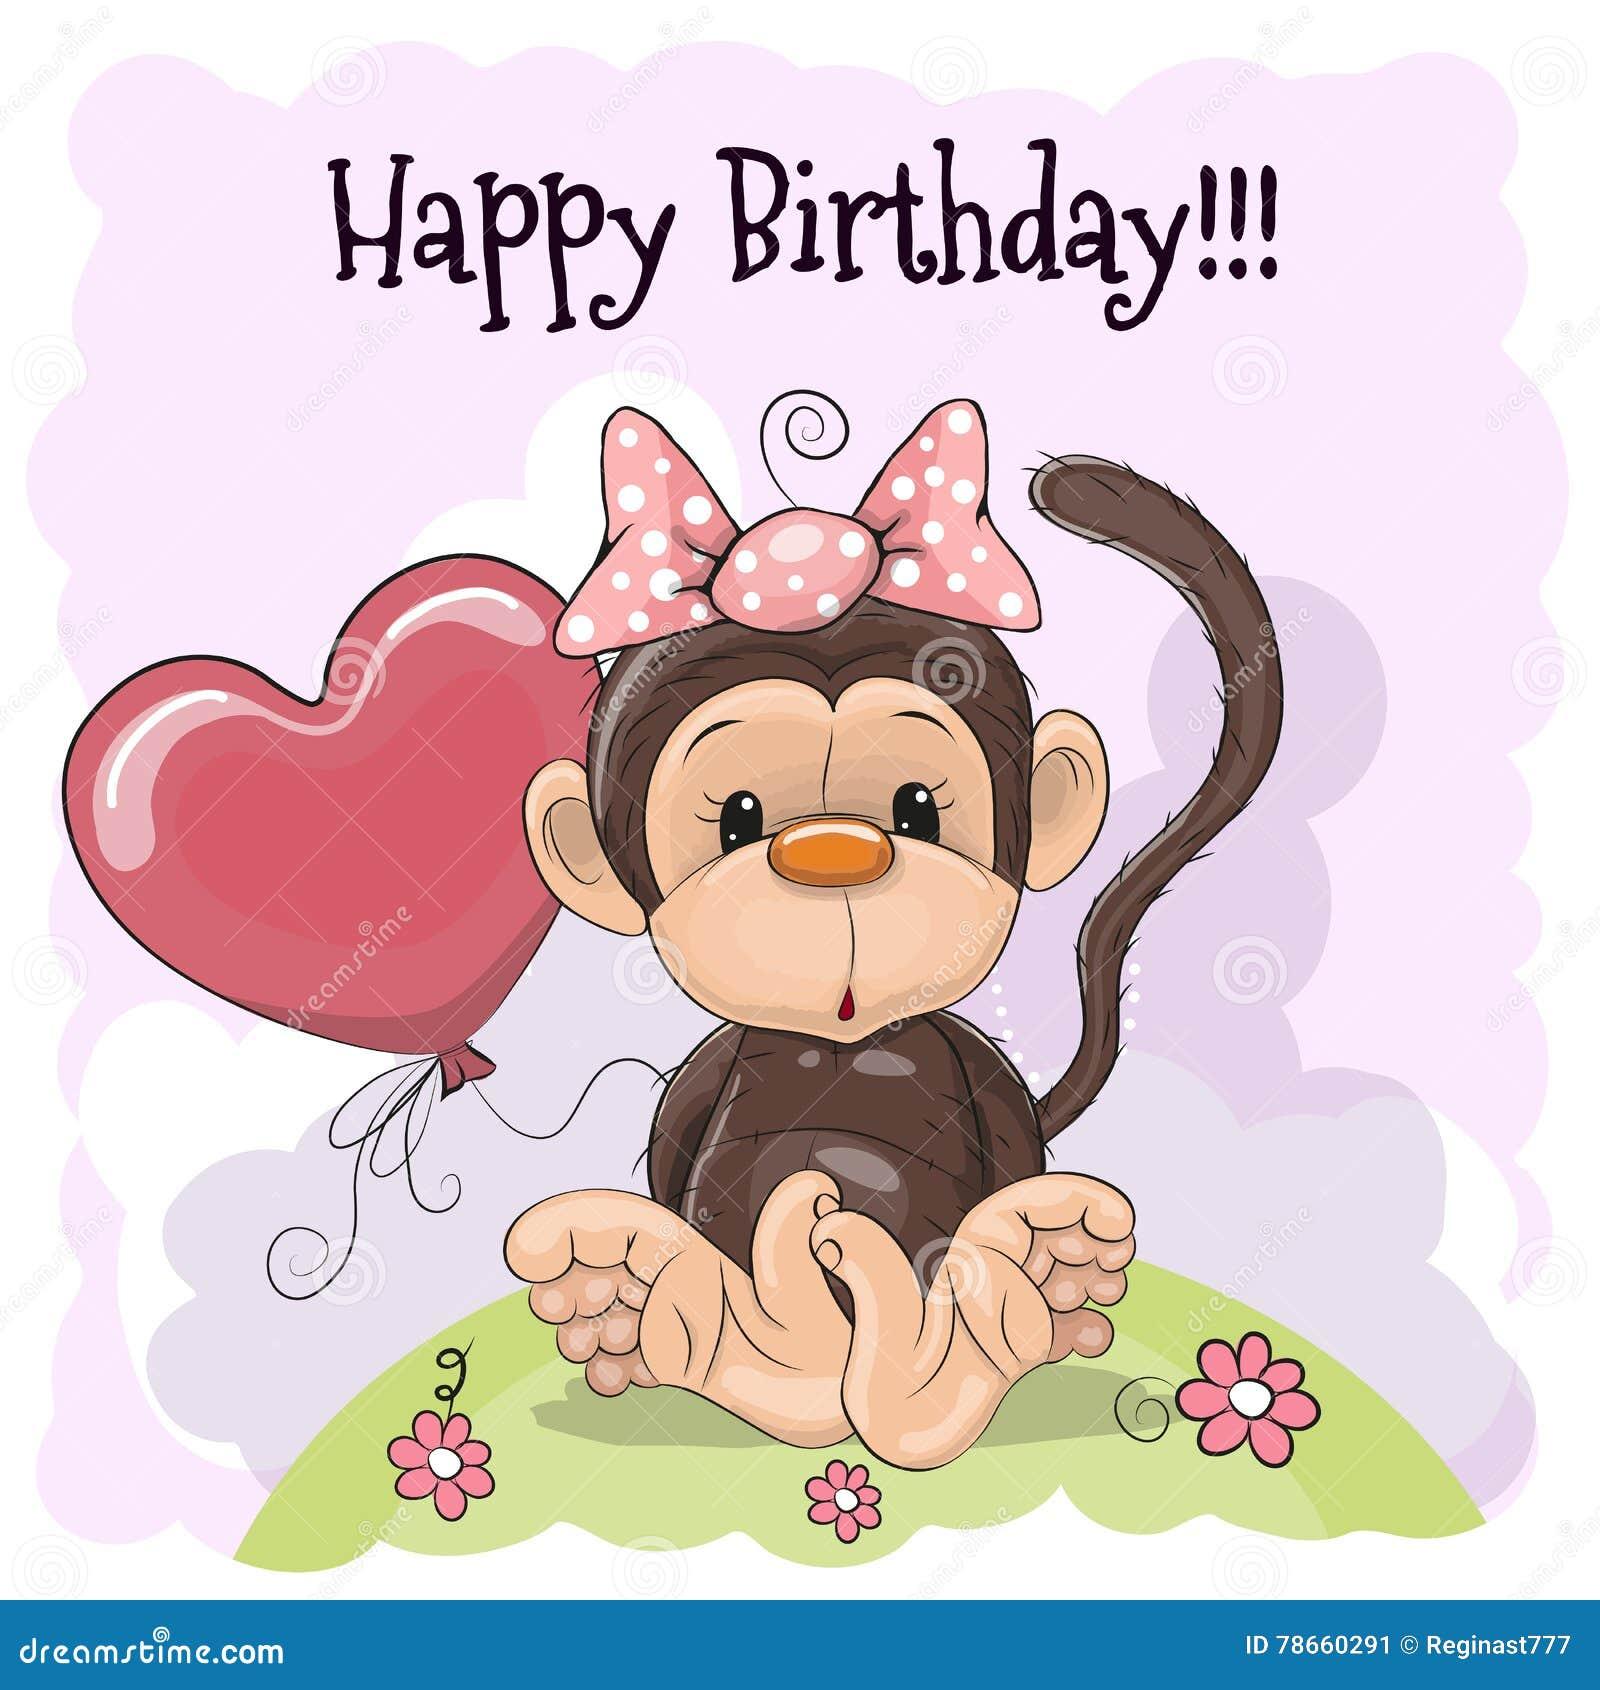 Картинки, открытка с обезьянкой на день рождения